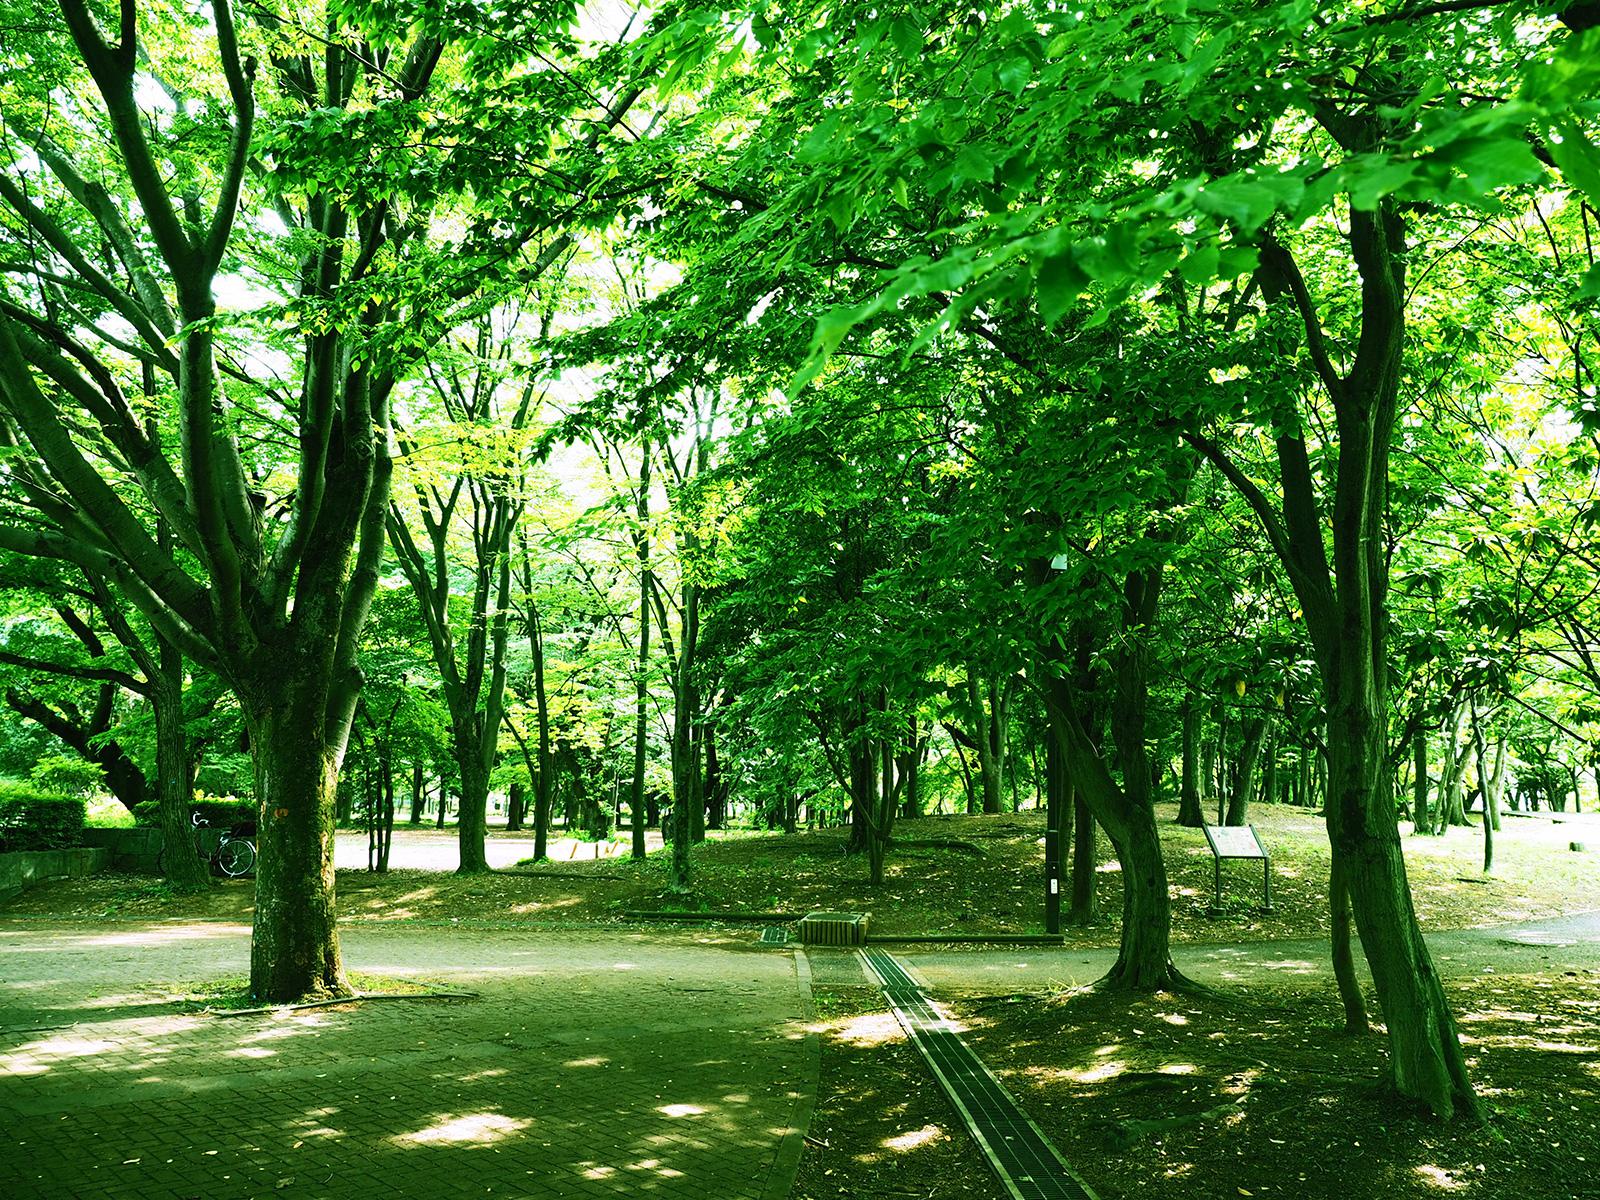 OM-D E-M1 Mark IIで撮り歩き~in 府中の森公園